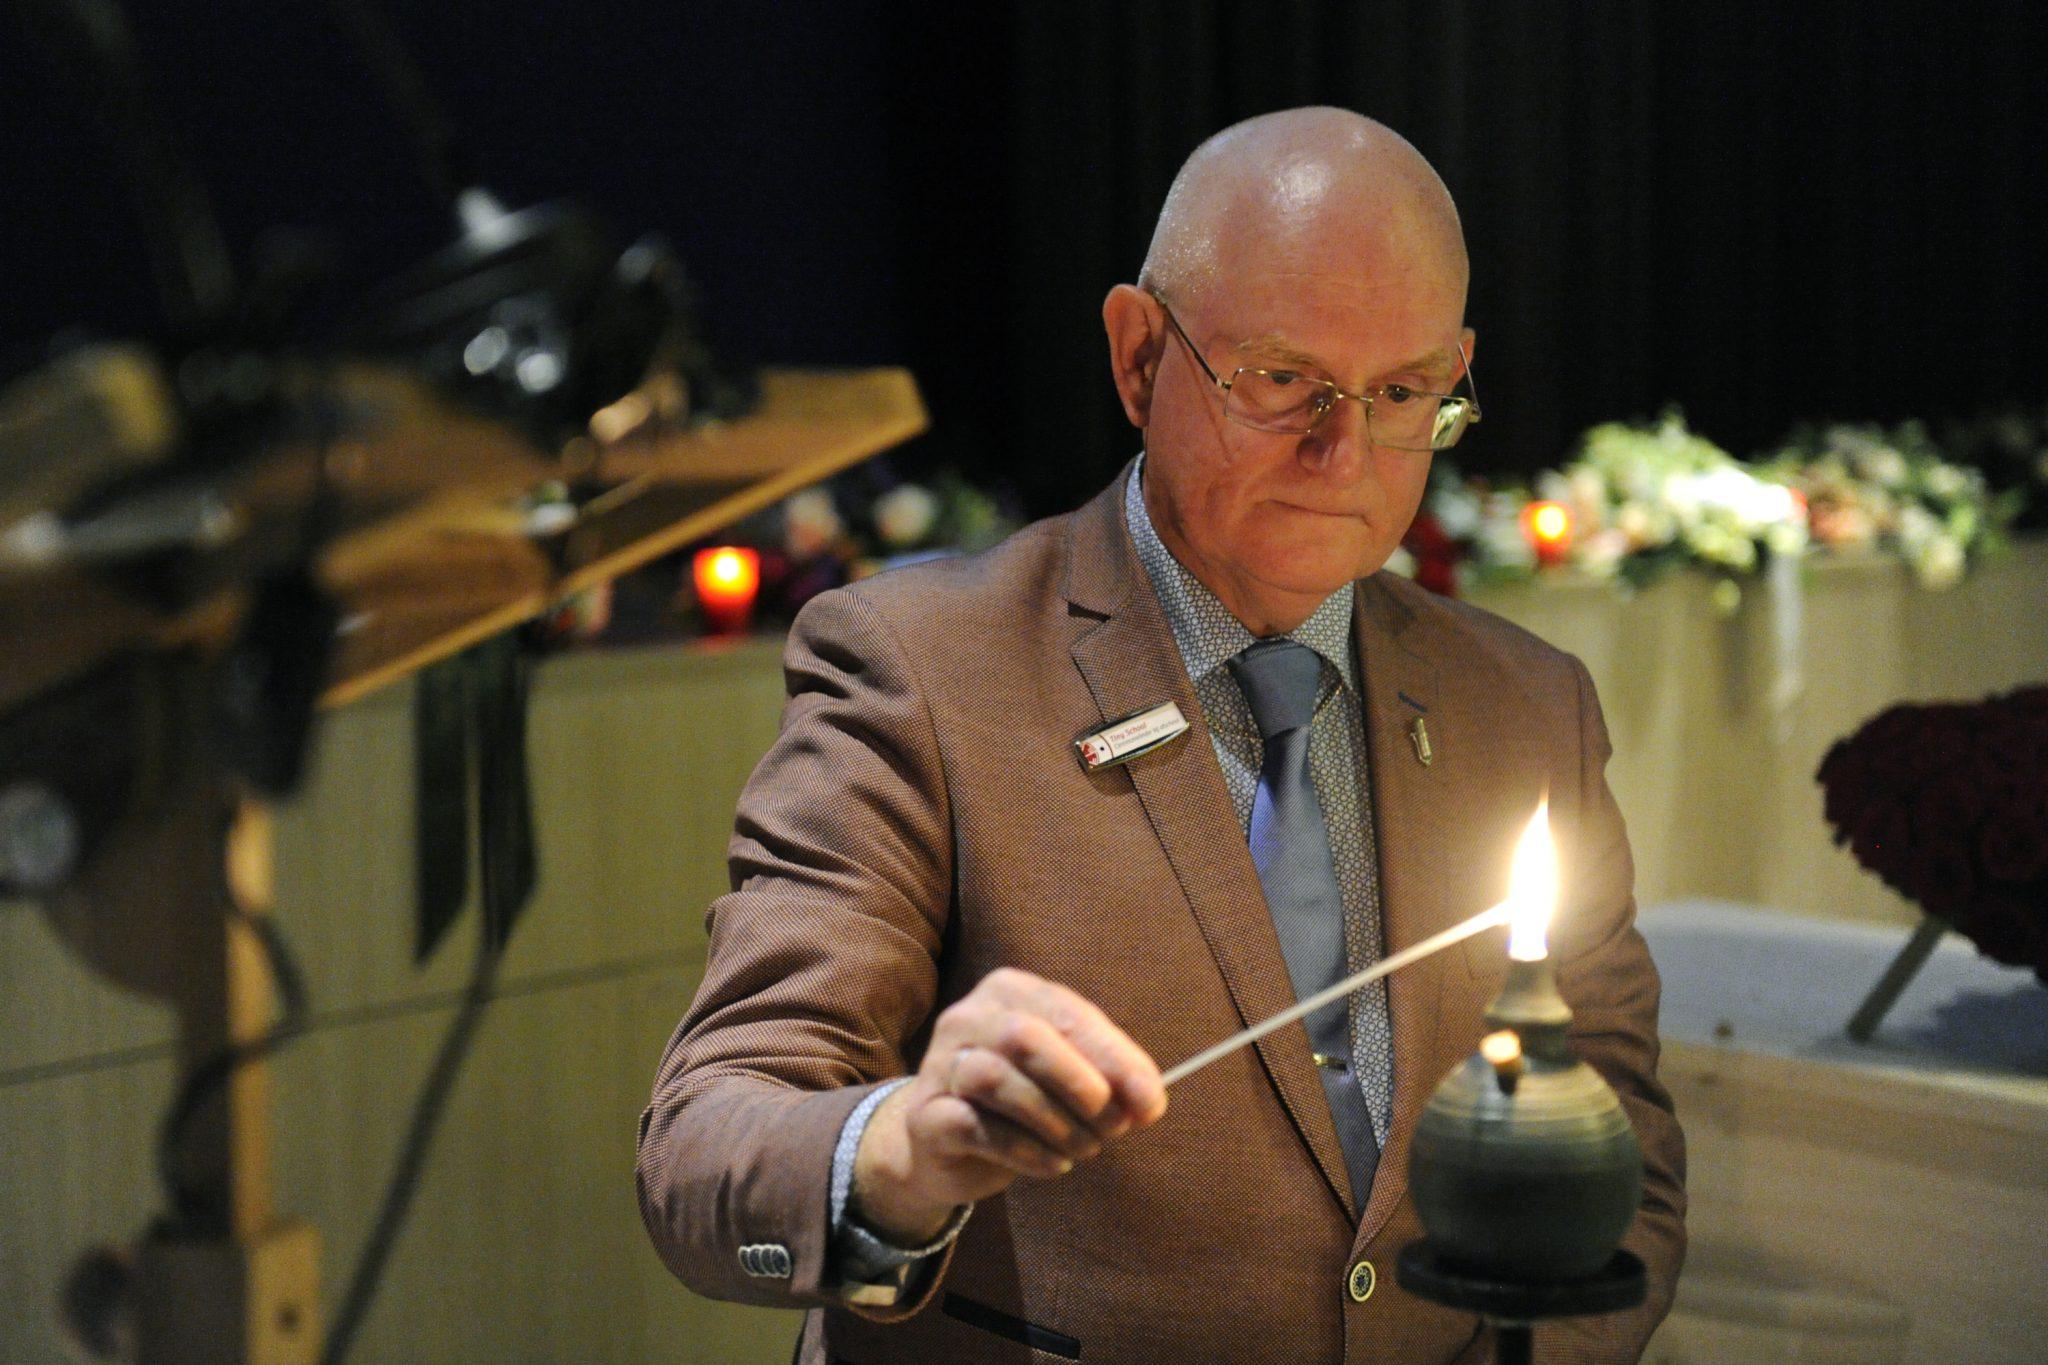 Begrafenismuziek geeft tijdens de uitvaart ook ruimte voor een ritueel, zoals het aansteken van een kaars.